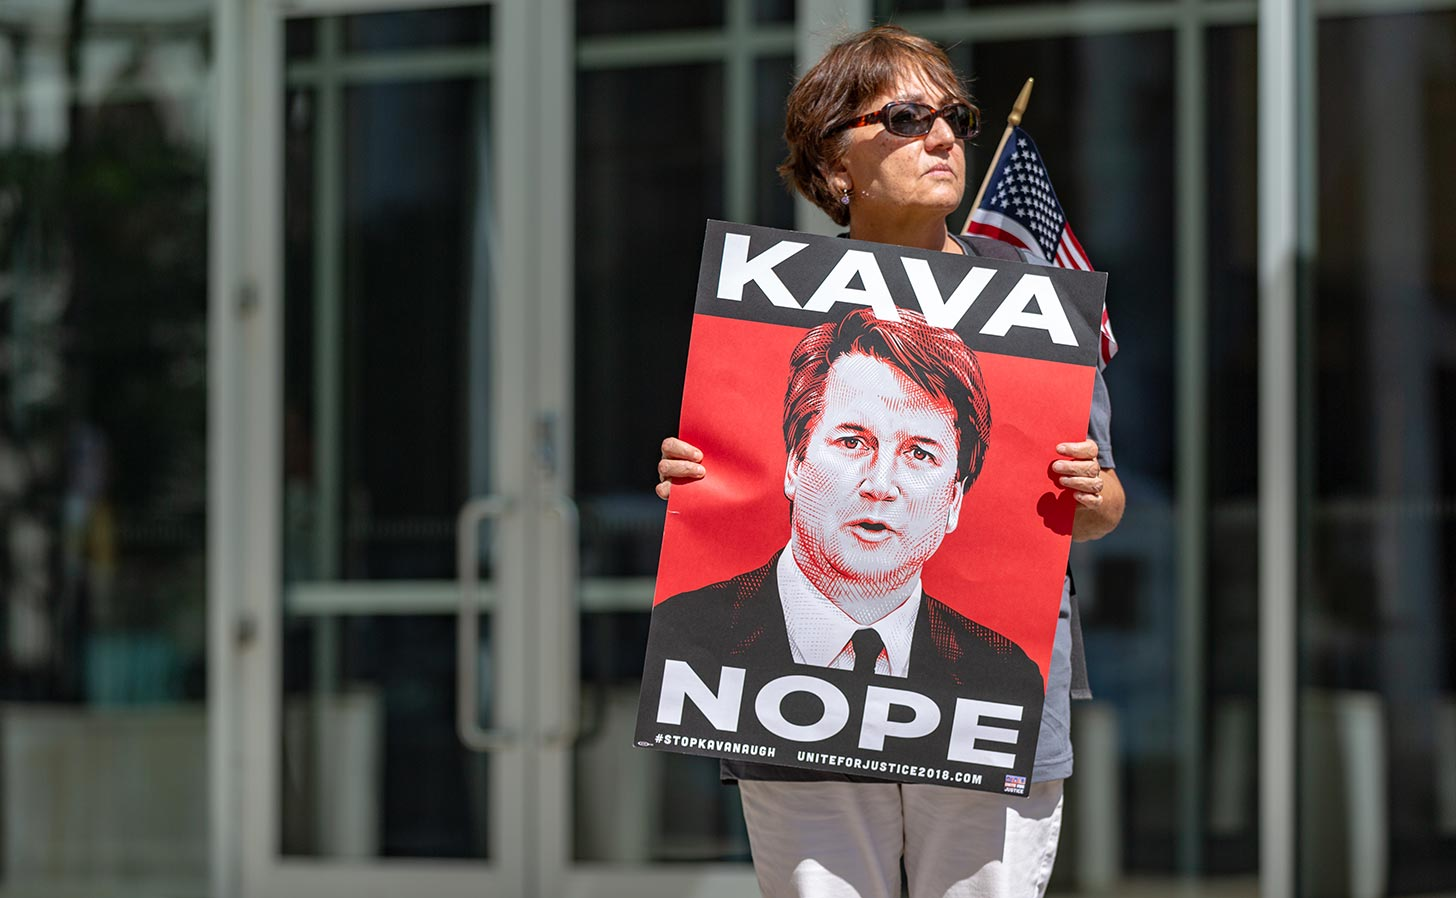 En kvinna protesterar mot nomineringen av Brett Kavanaugh till USA:s högsta domstol. Foto: Lorie Shaull / Flickr (CC BY-SA 2.0)